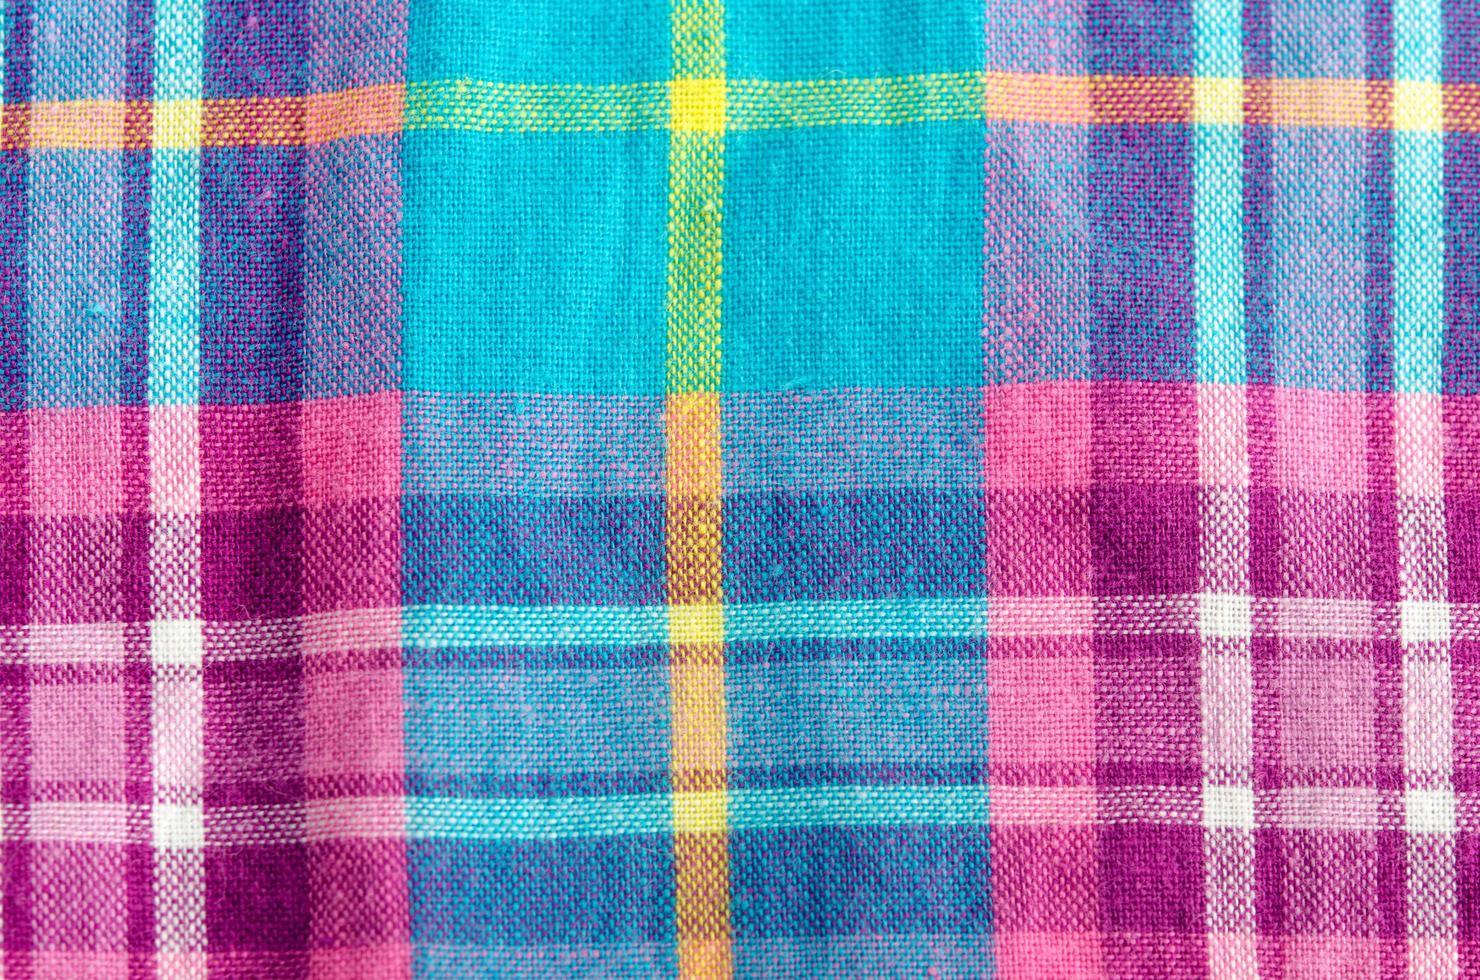 kleurrijke geruite doek foto